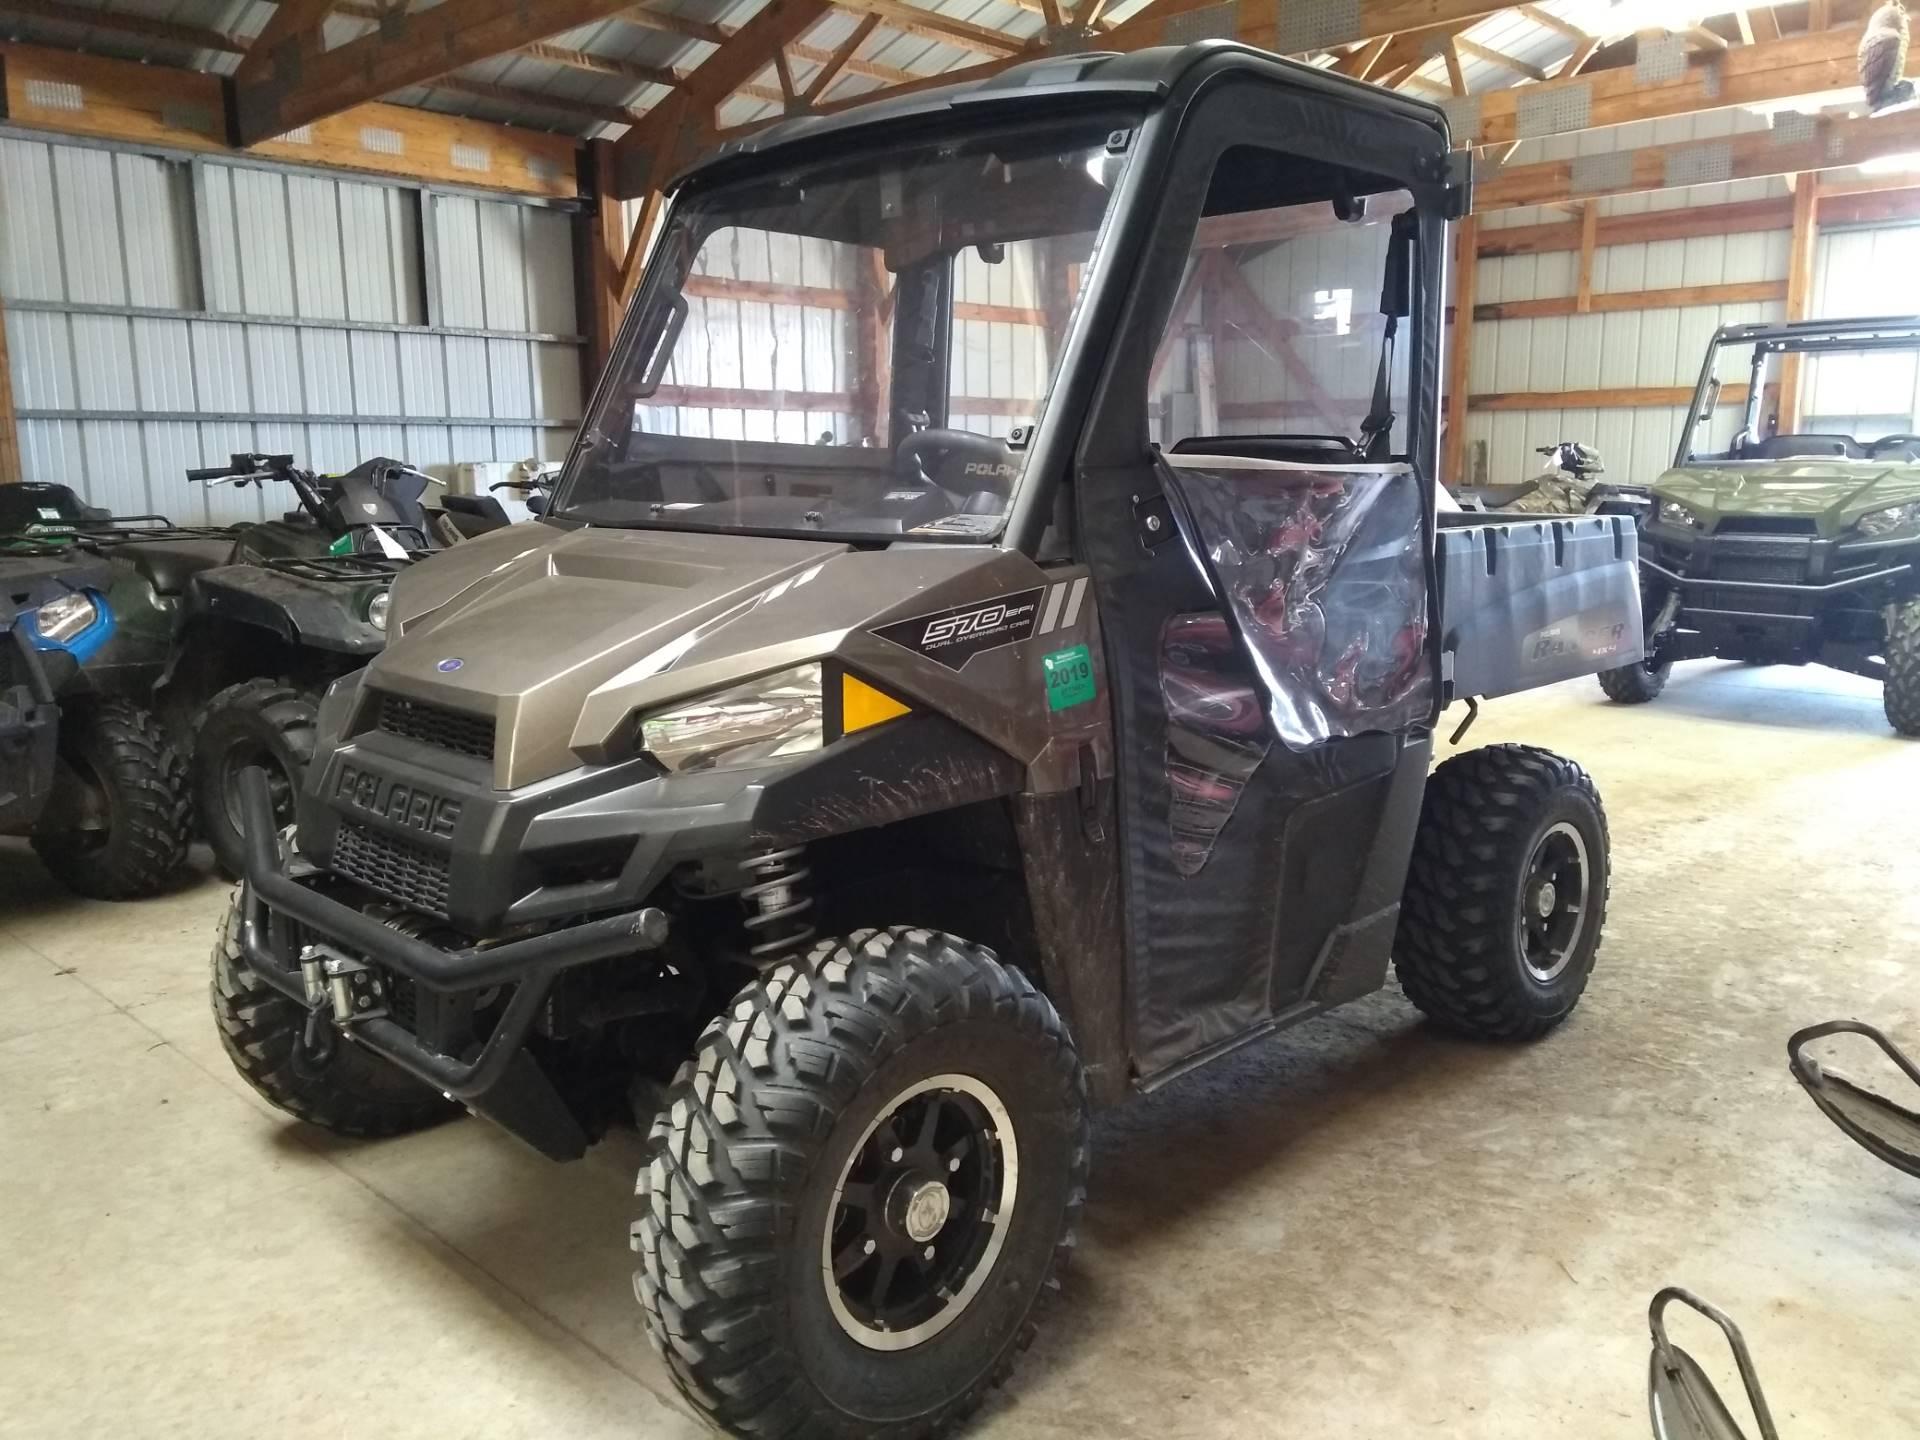 2015 Polaris Ranger >> Used 2015 Polaris Ranger 570 Eps Utility Vehicles In Three Lakes